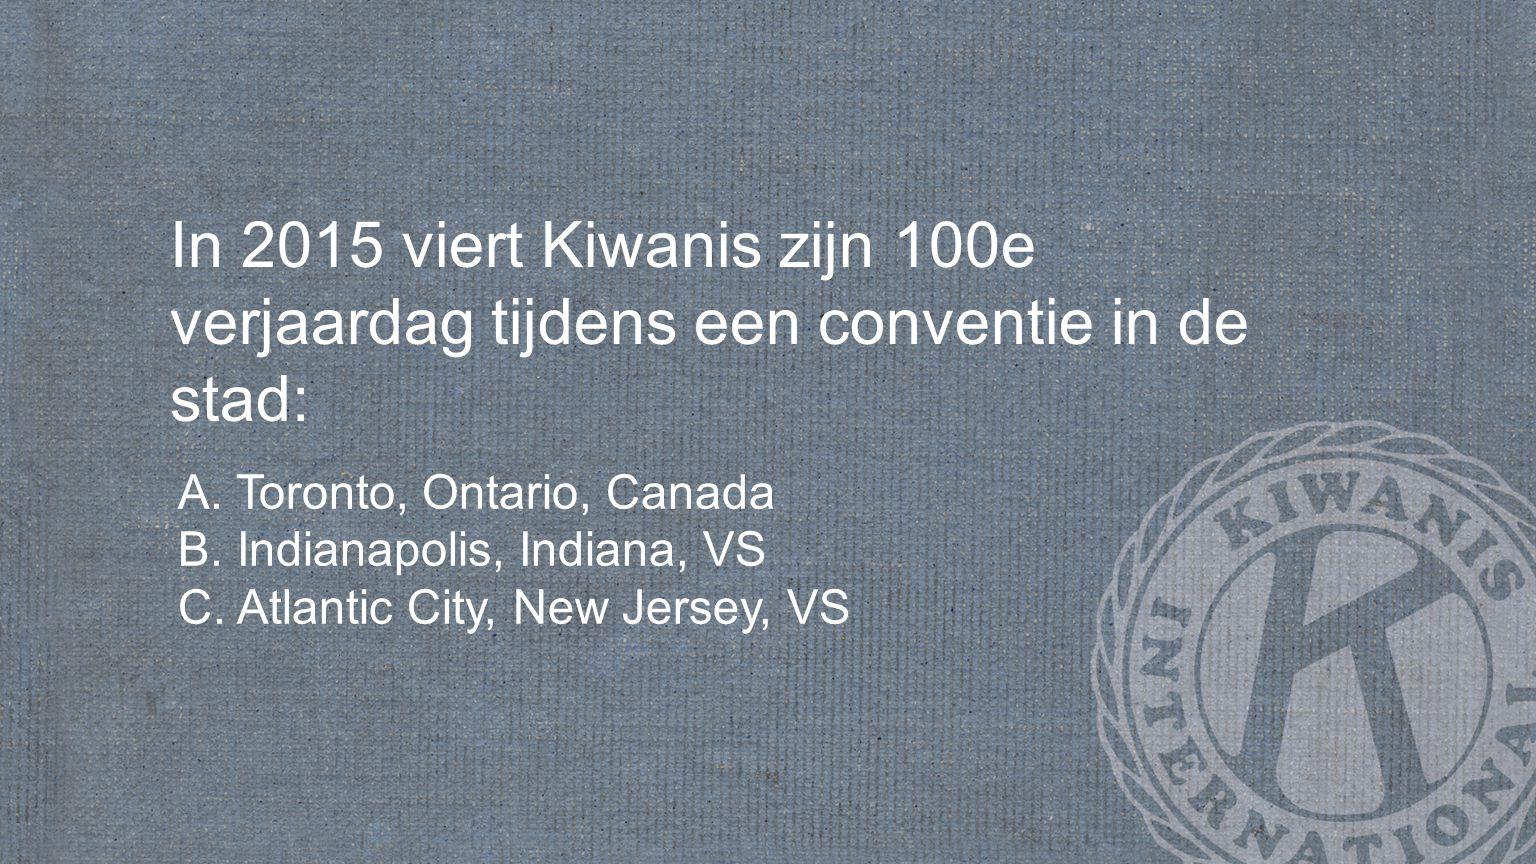 In 2015 viert Kiwanis zijn 100e verjaardag tijdens een conventie in de stad: A.